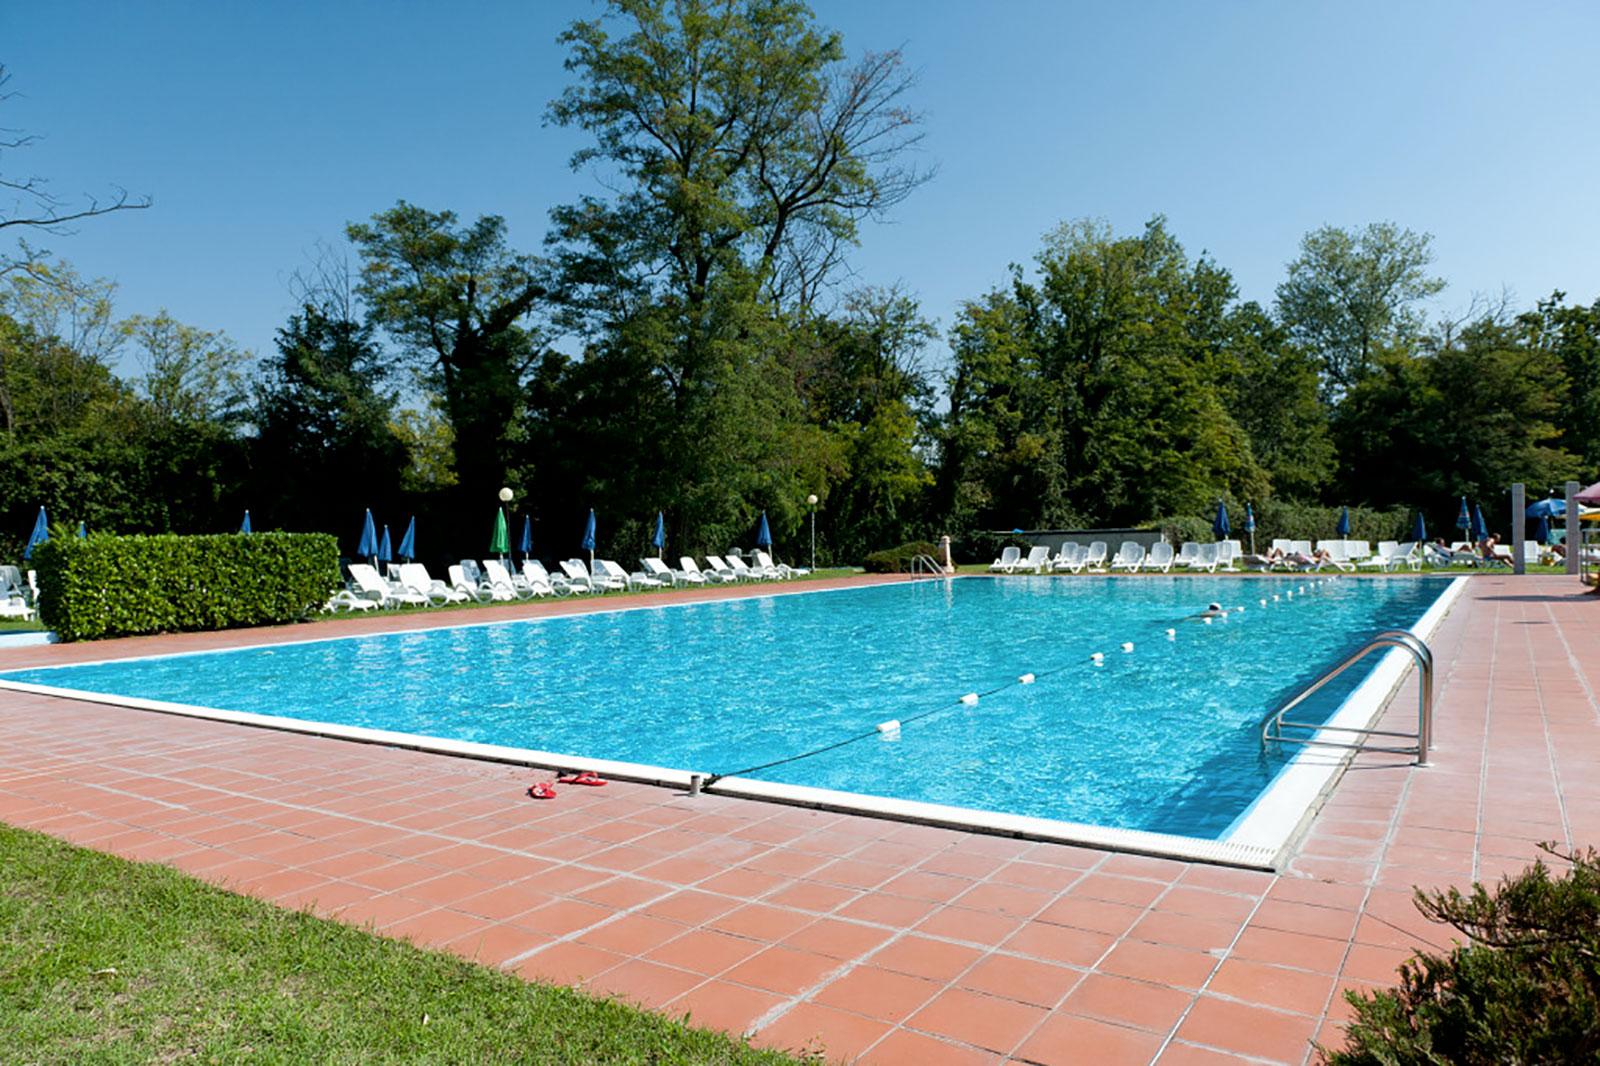 Gym and fun palestra a buccinasco mi con piscina tennis e 2 sale corsi spinning step e - Palestra con piscina ...